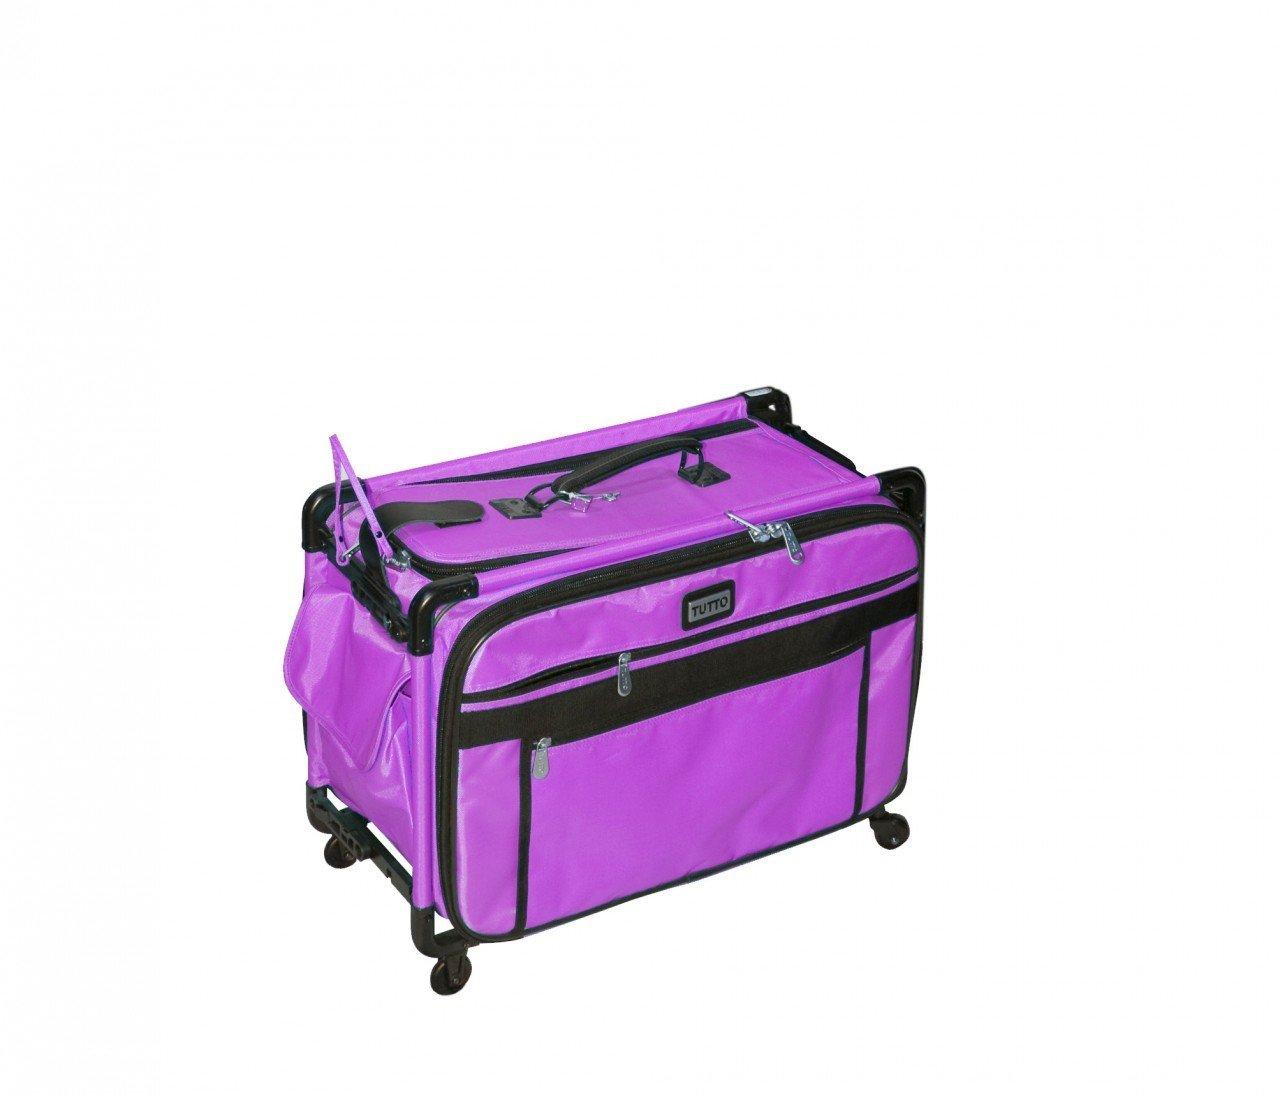 Medium Tutto Bag - Pink